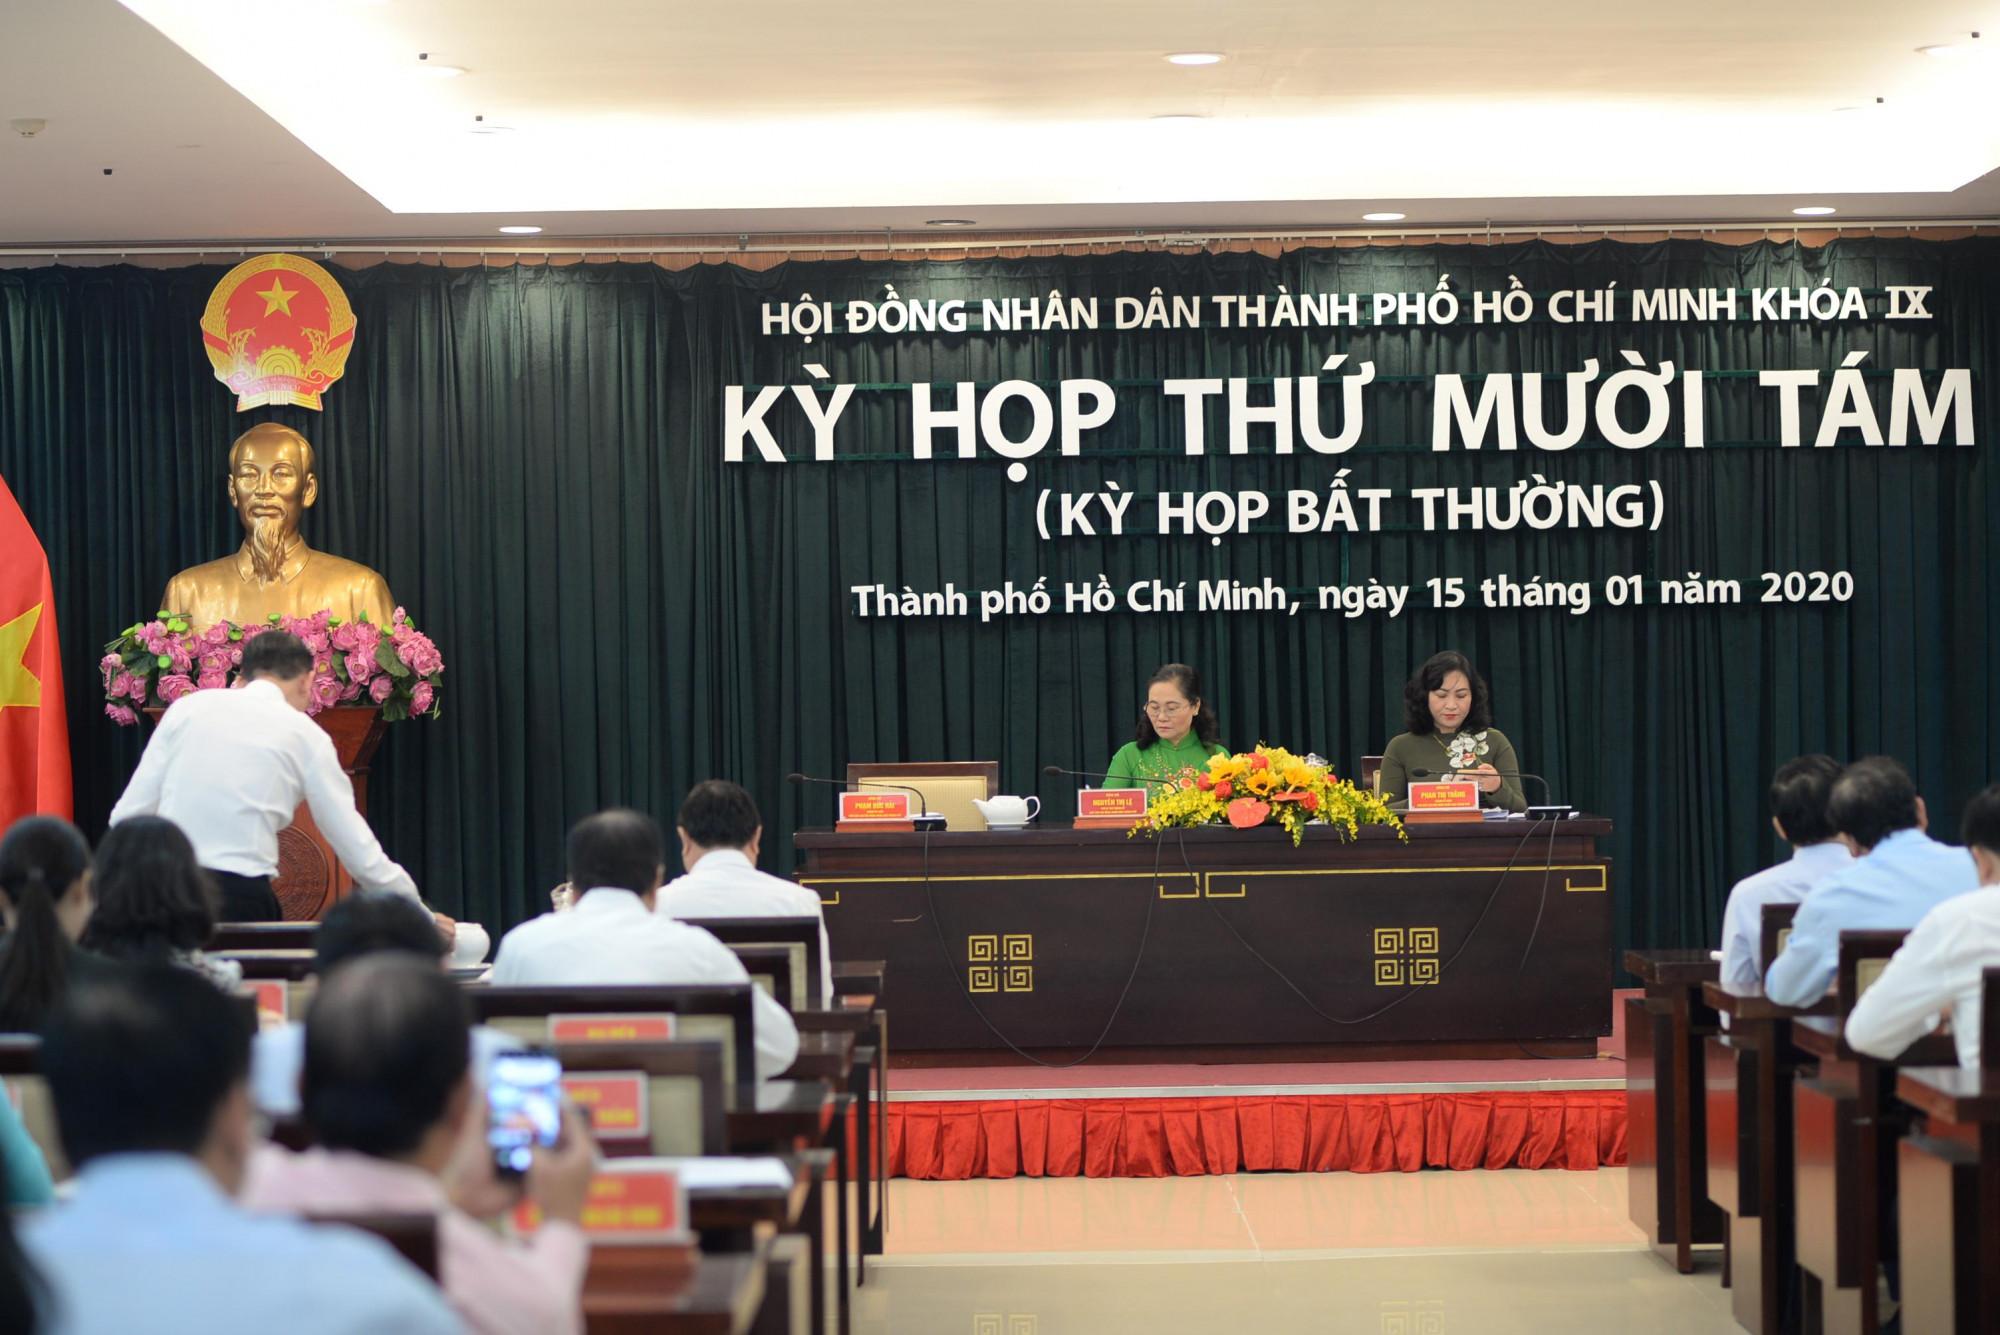 HĐND TPHCM tổ chức kỳ họp bất thường sáng 15/1 để cho ý kiến các tờ trình của UBND TPHCM